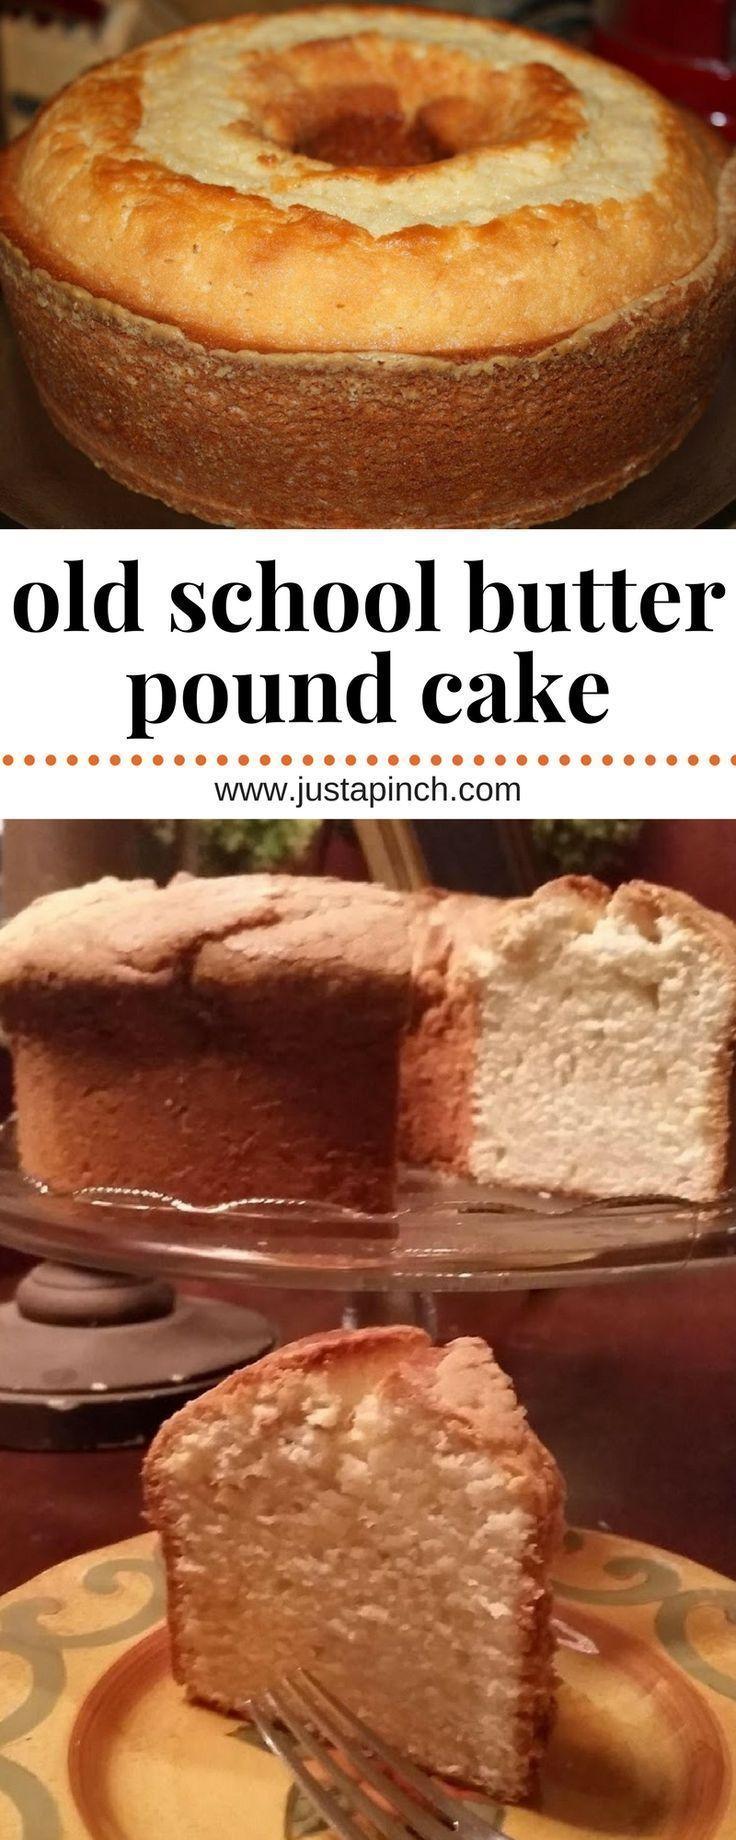 Das beste Rezept für Butter-Pfund-Kuchen der alten Schule! Fertig in nur 6 Schritten.   – Yummy